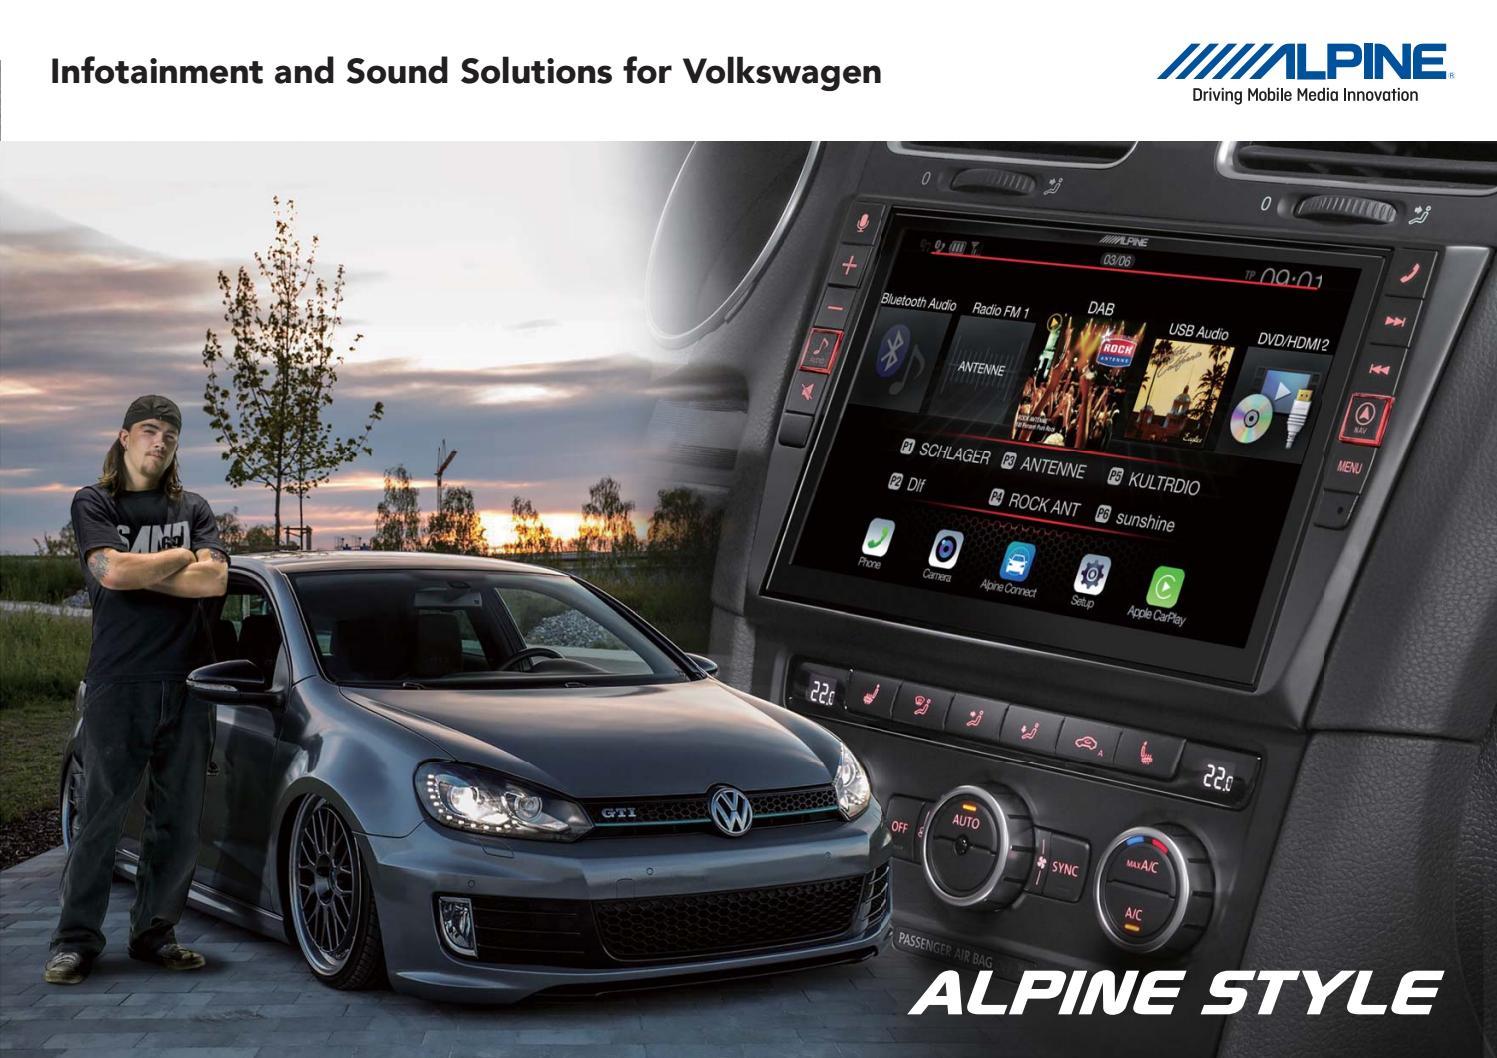 Alpine style за Volkswagen англиска верзија by ZEC - issuu